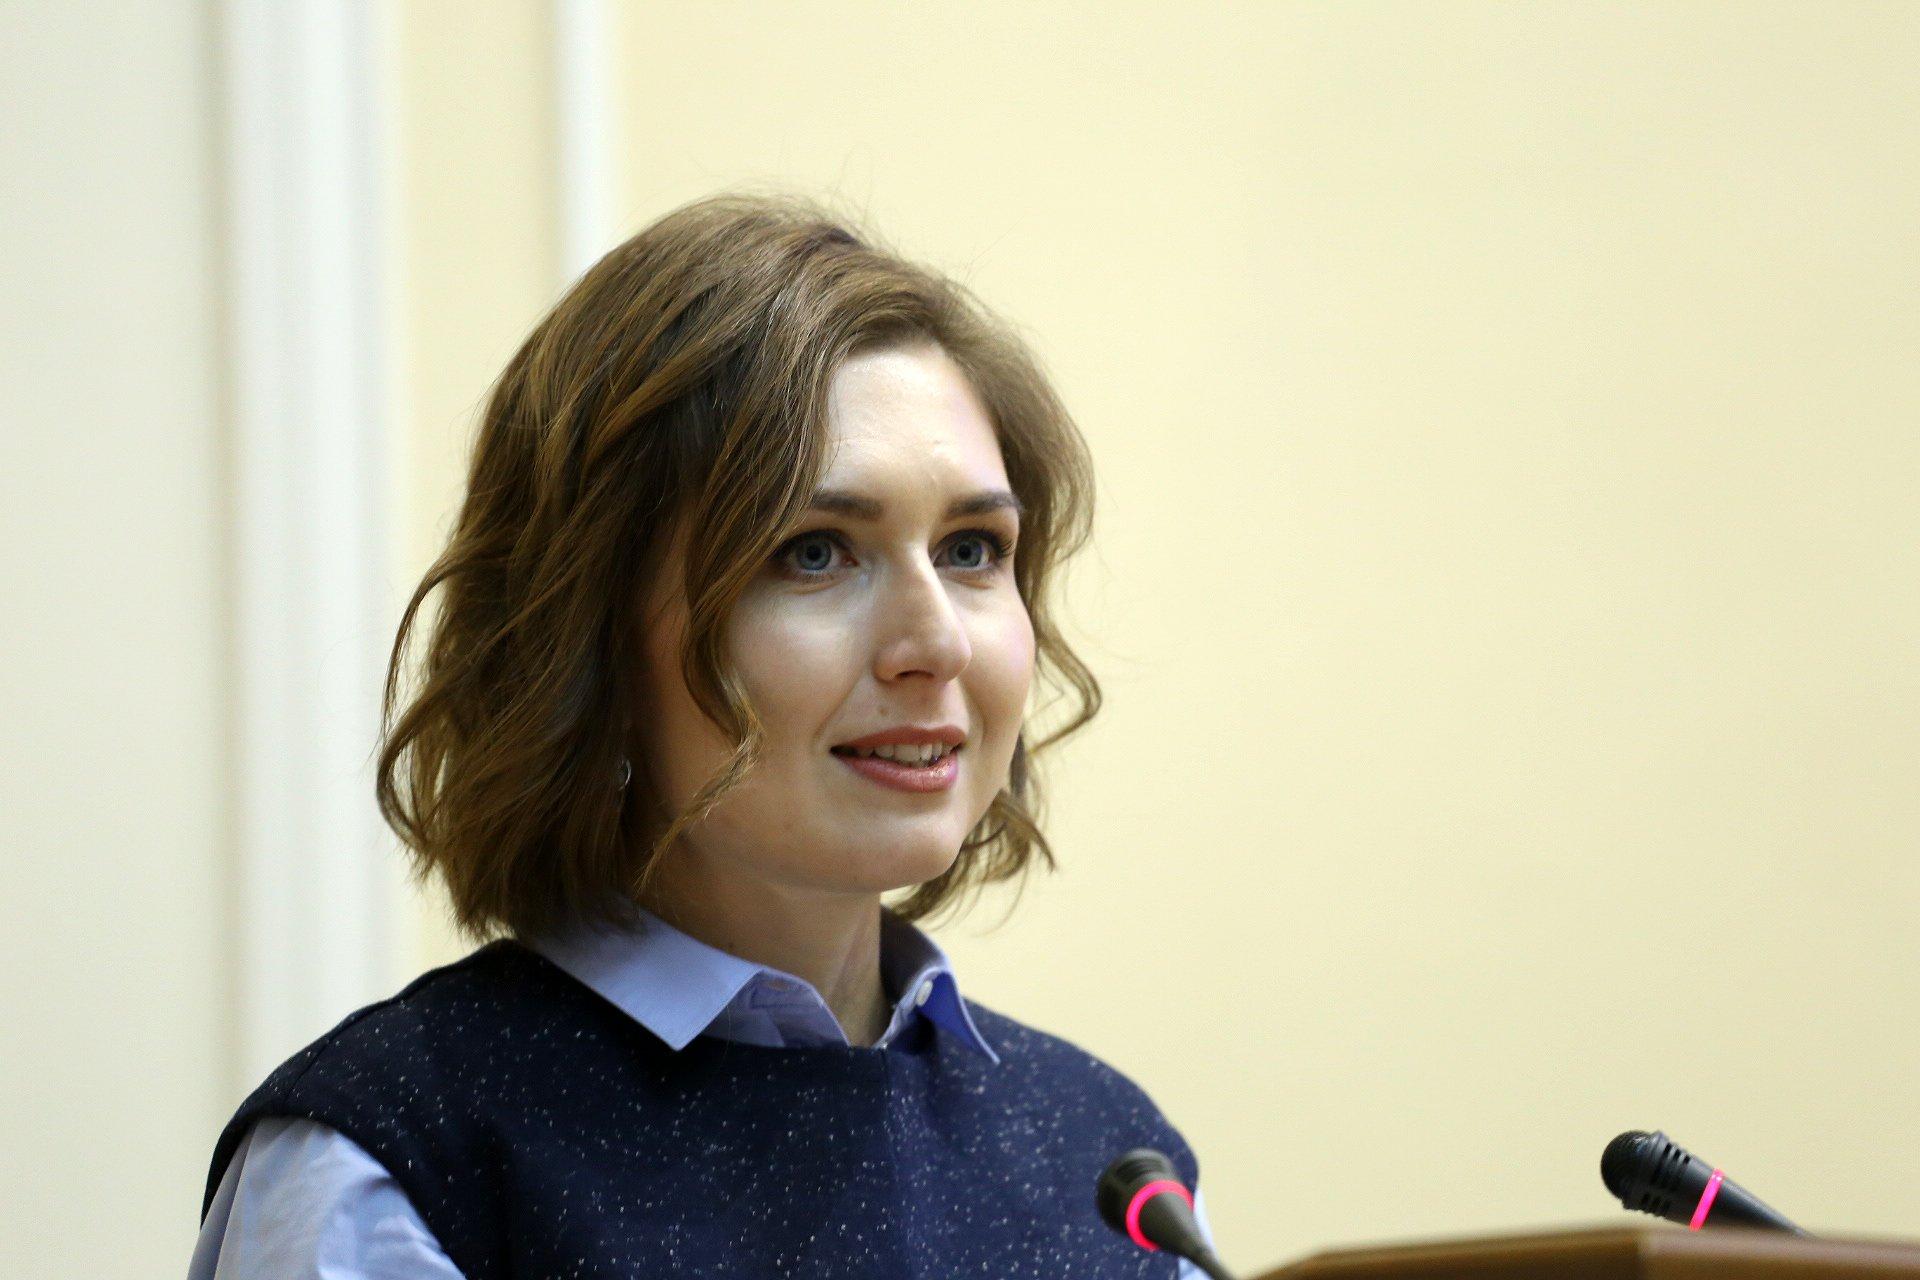 Украинские школьники по уровню знаний не дотягивают до уровня школьников развитых стран